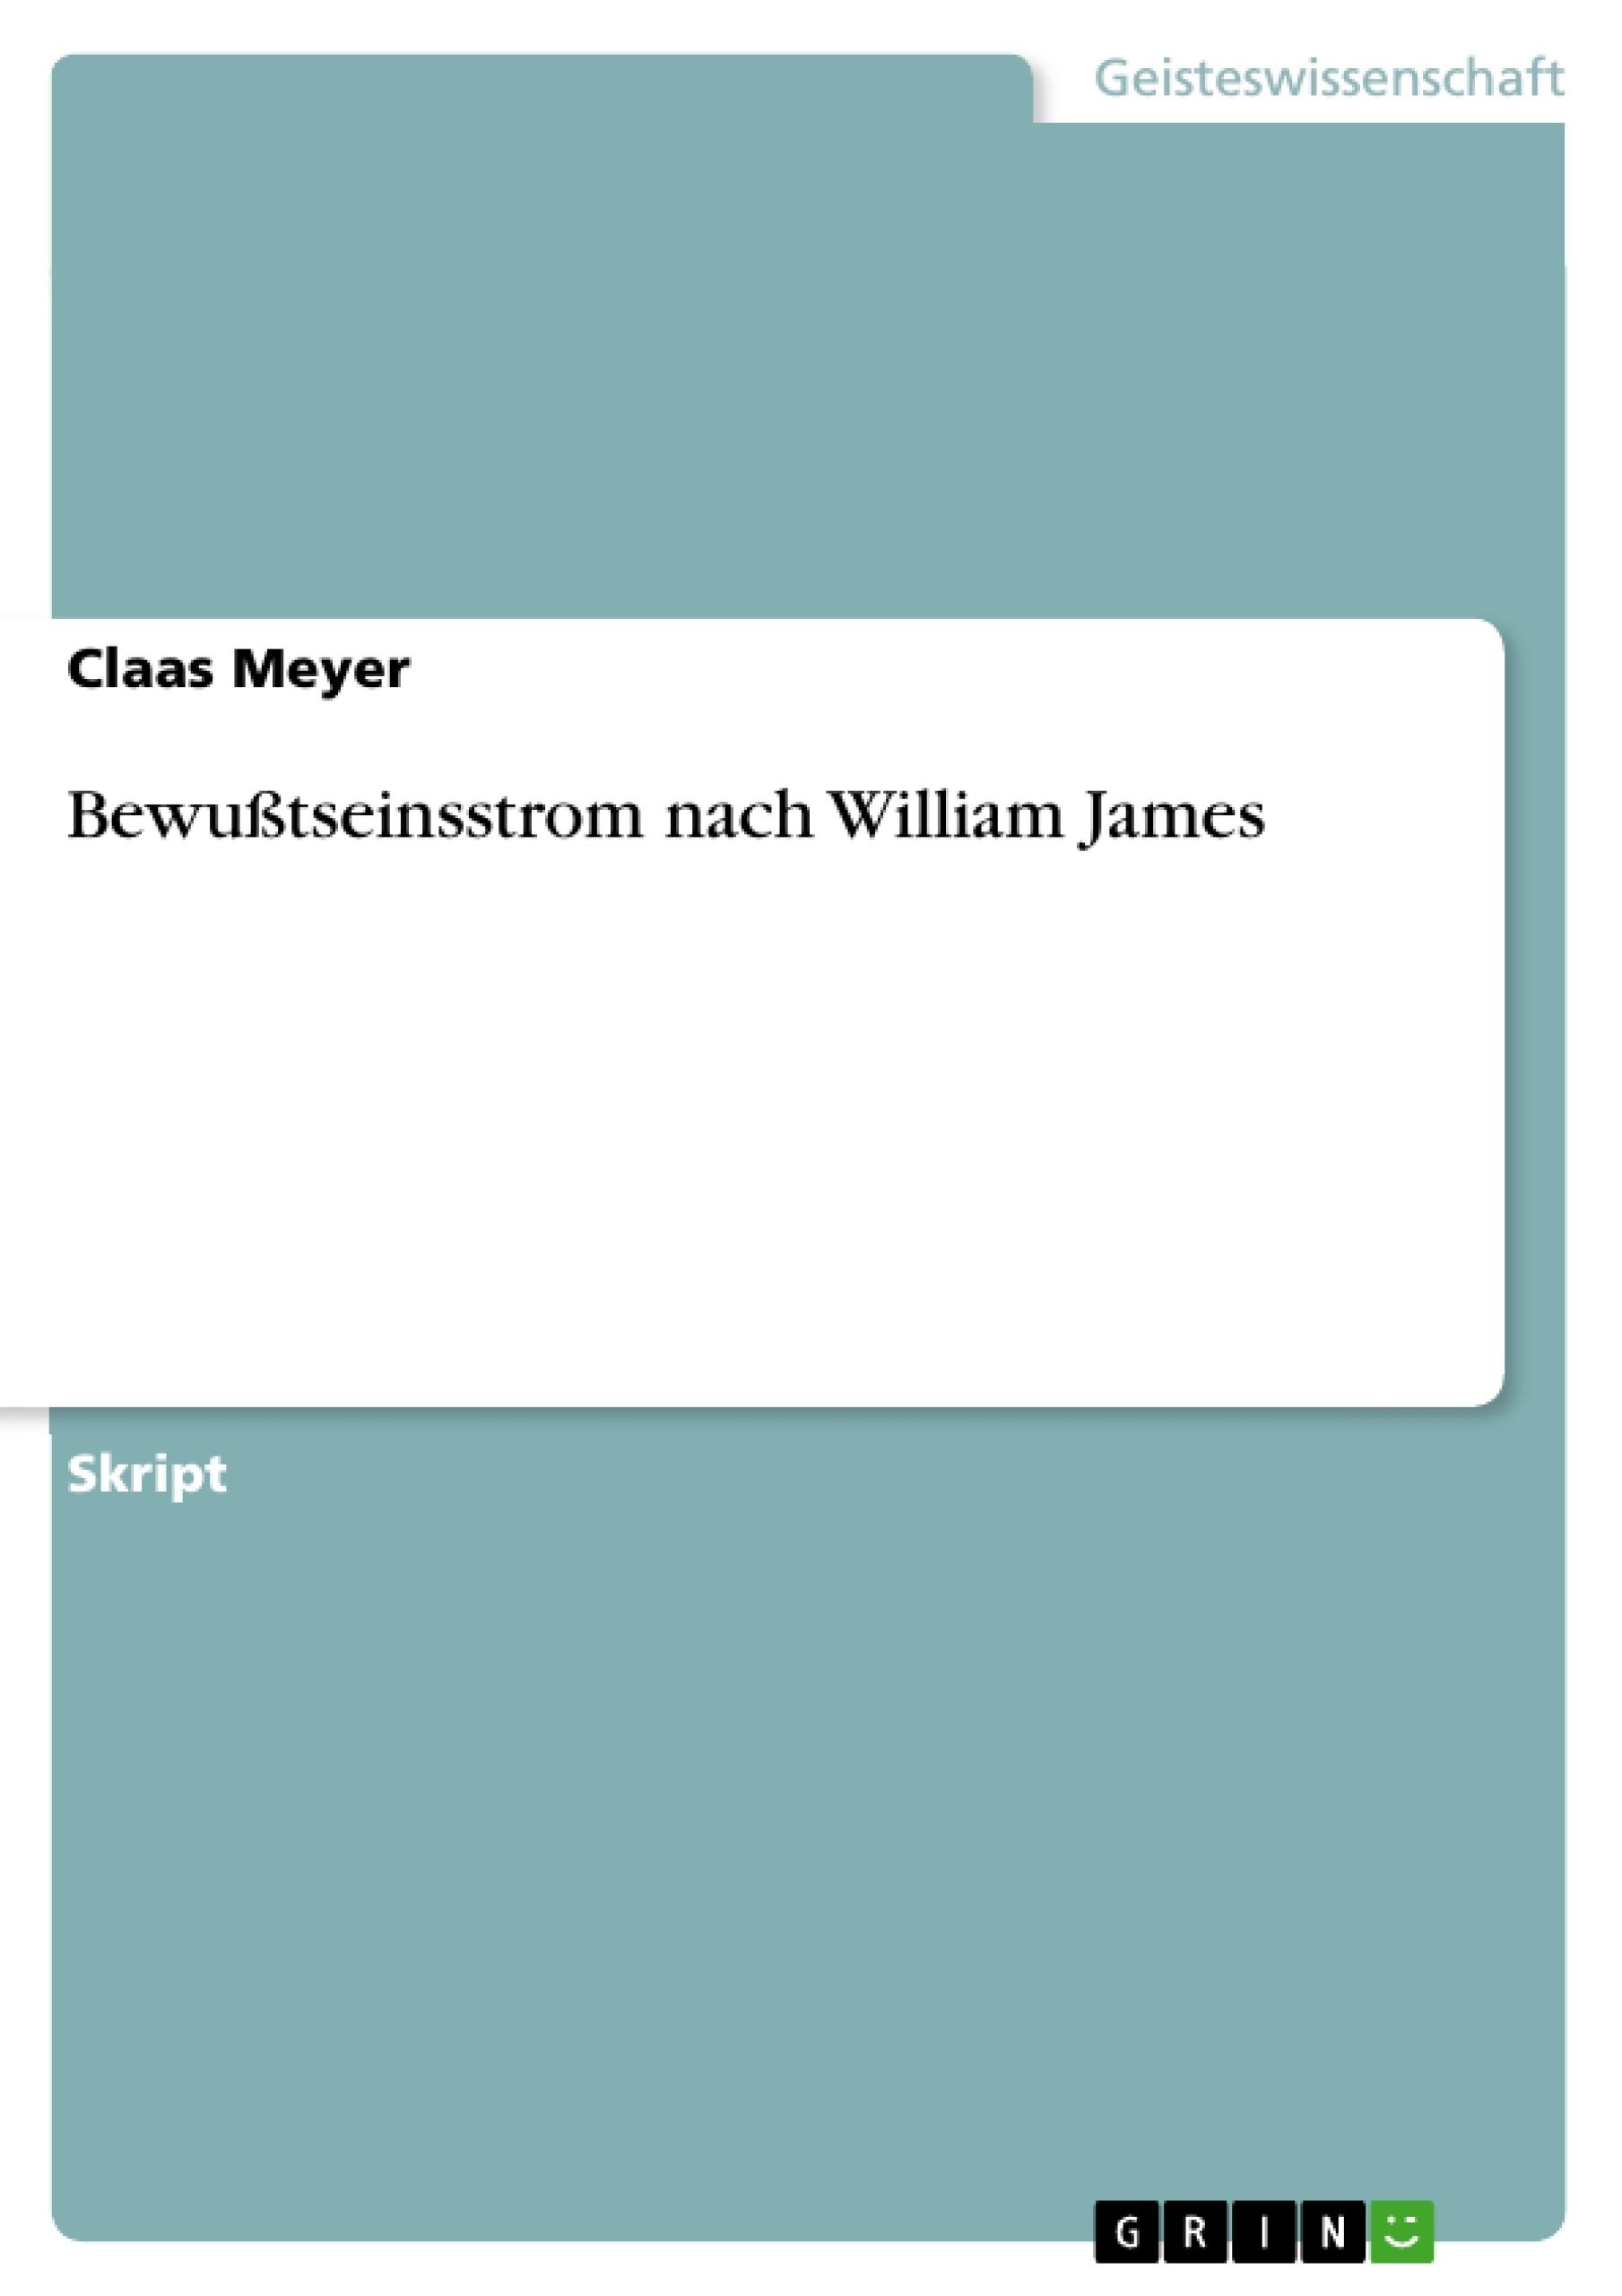 Titel: Bewußtseinsstrom nach William James